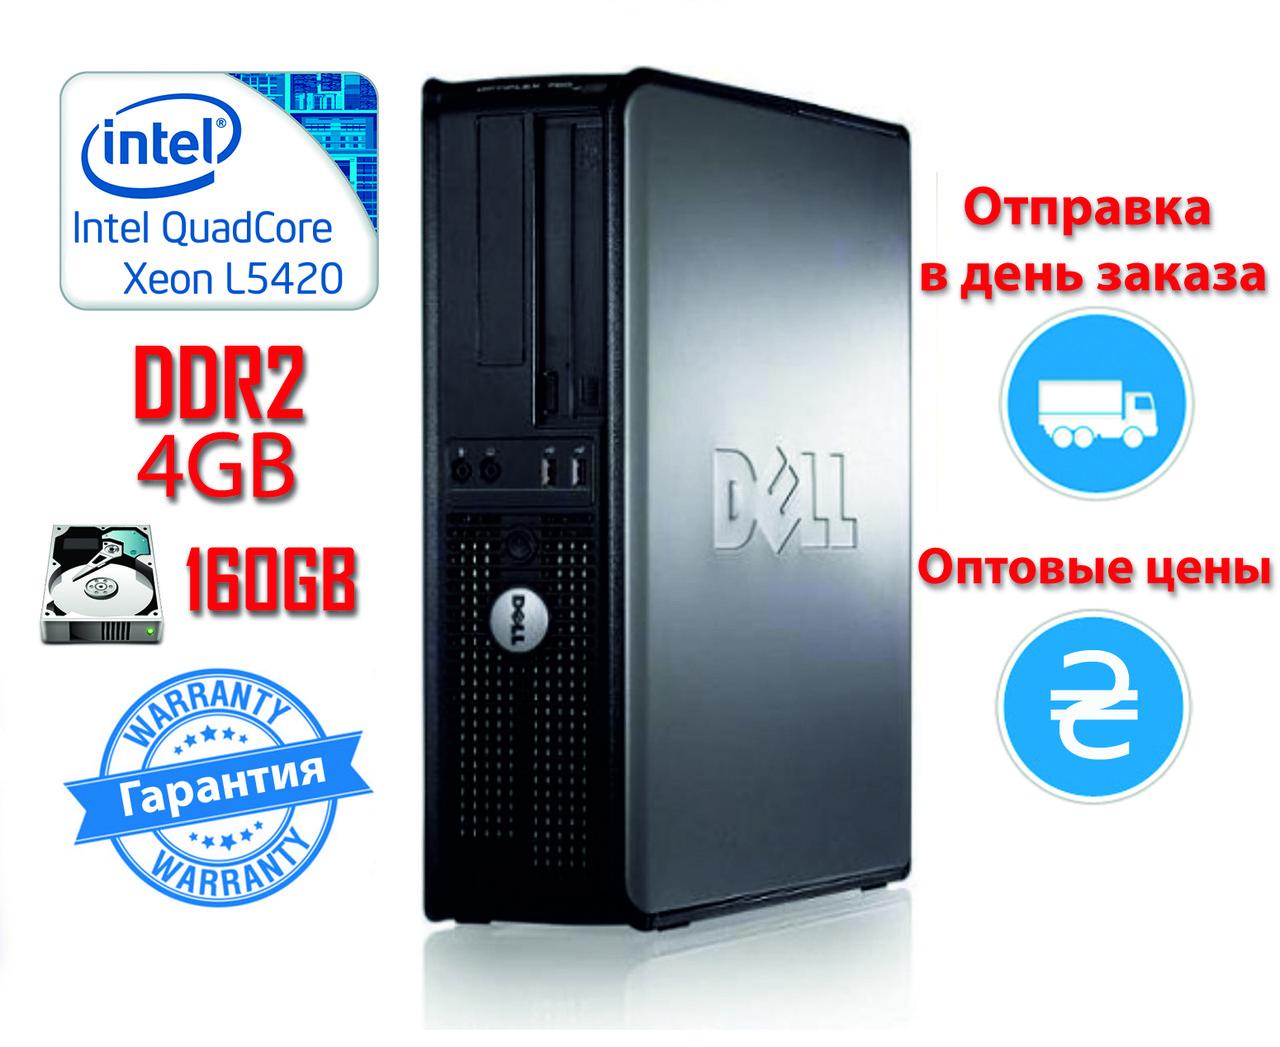 Системный блок DELL 4 ядра 2.5GHz/4Gb-DDR2/HDD 160Gb